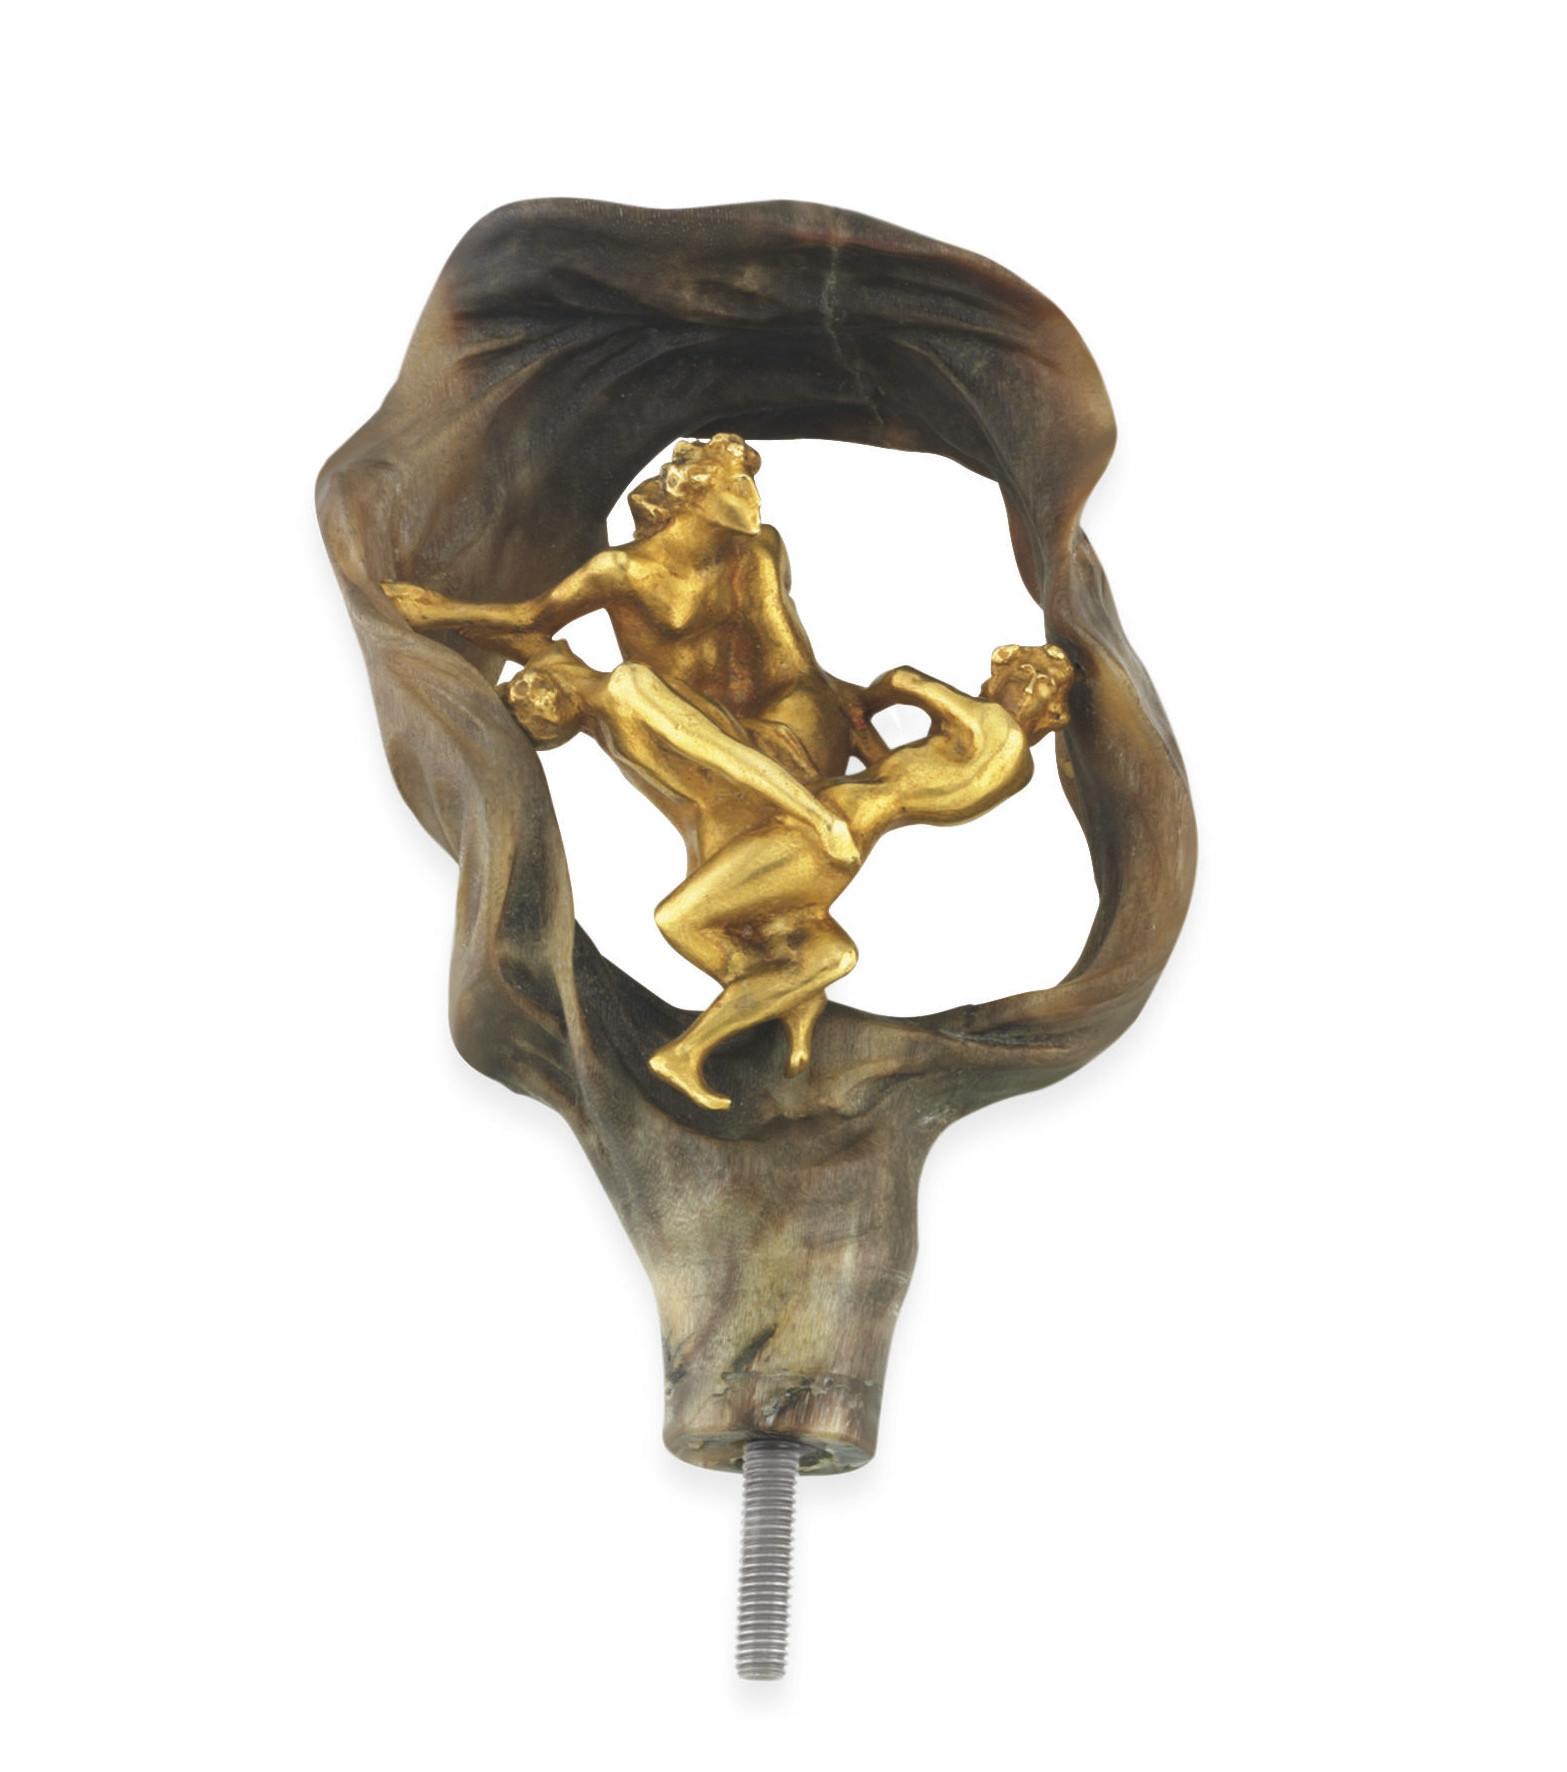 AN ART NOUVEAU HORN AND GOLD